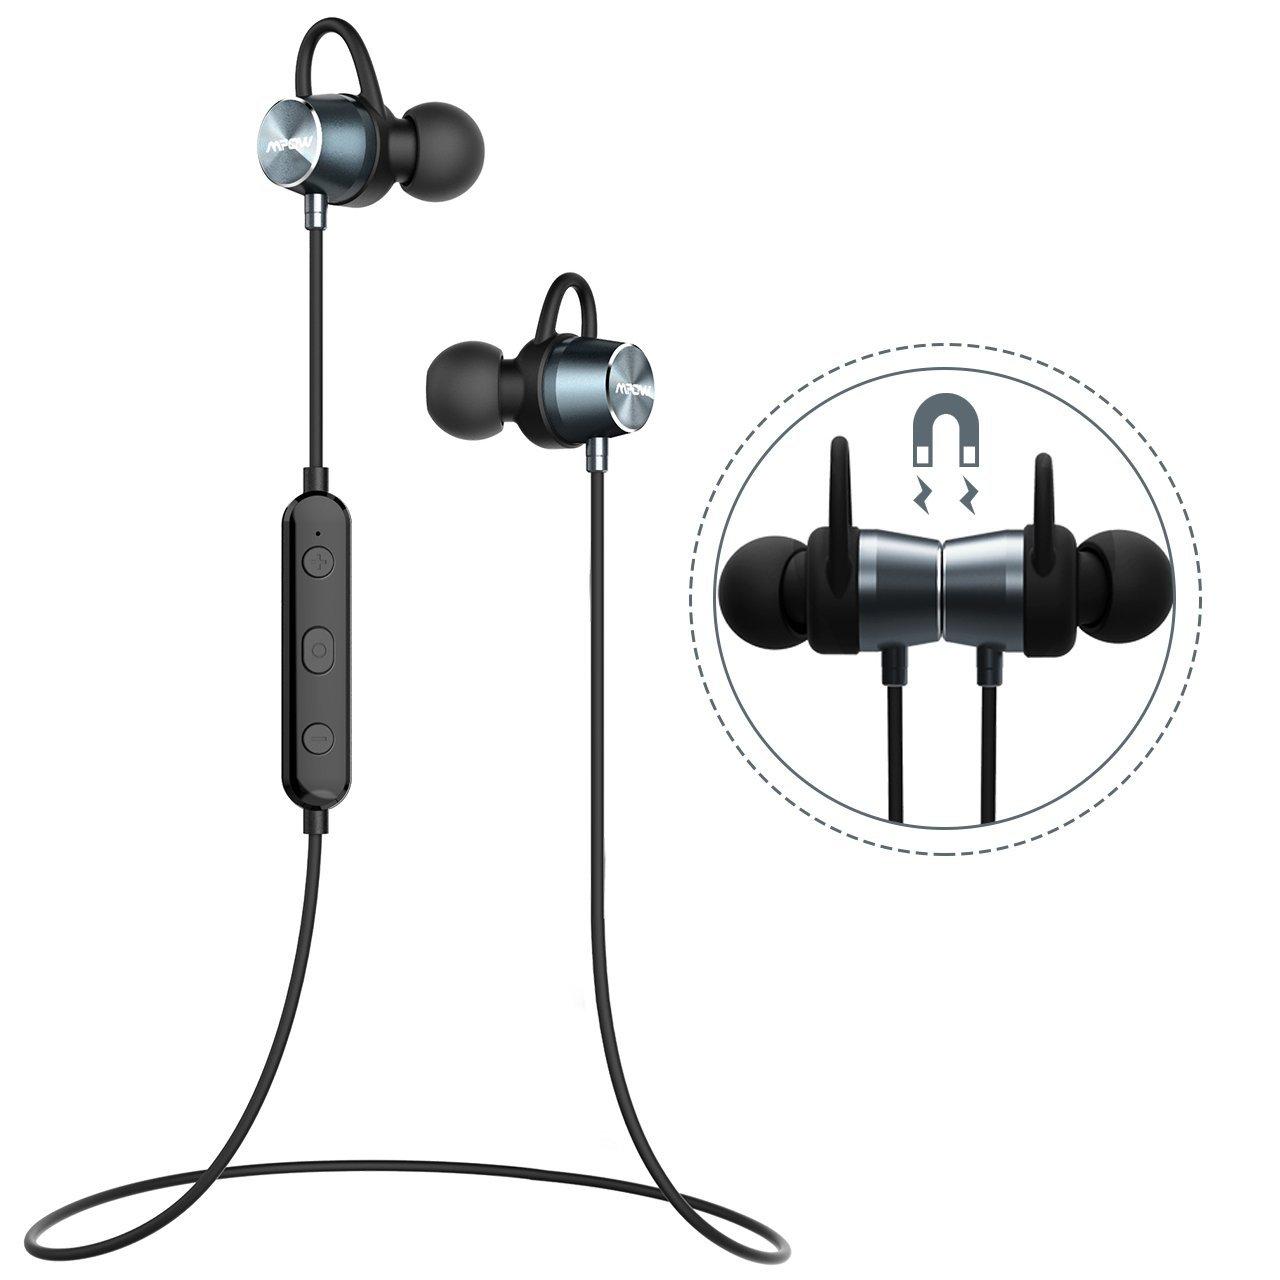 Mpow Bluetooth Kopfhörer, In Ear Sport Kopfhörer IPX6 Wasserdicht, 7 Stunden Spielzeit/Stereo Sound/Bluetooth 4.1/HD-Mikrofon/Metallgehäuse, Sportkopfhörer Joggen/Fitness/Yoga, Magnetisches Headset für iPhone Android Samsung iPad Huawei HTC usw